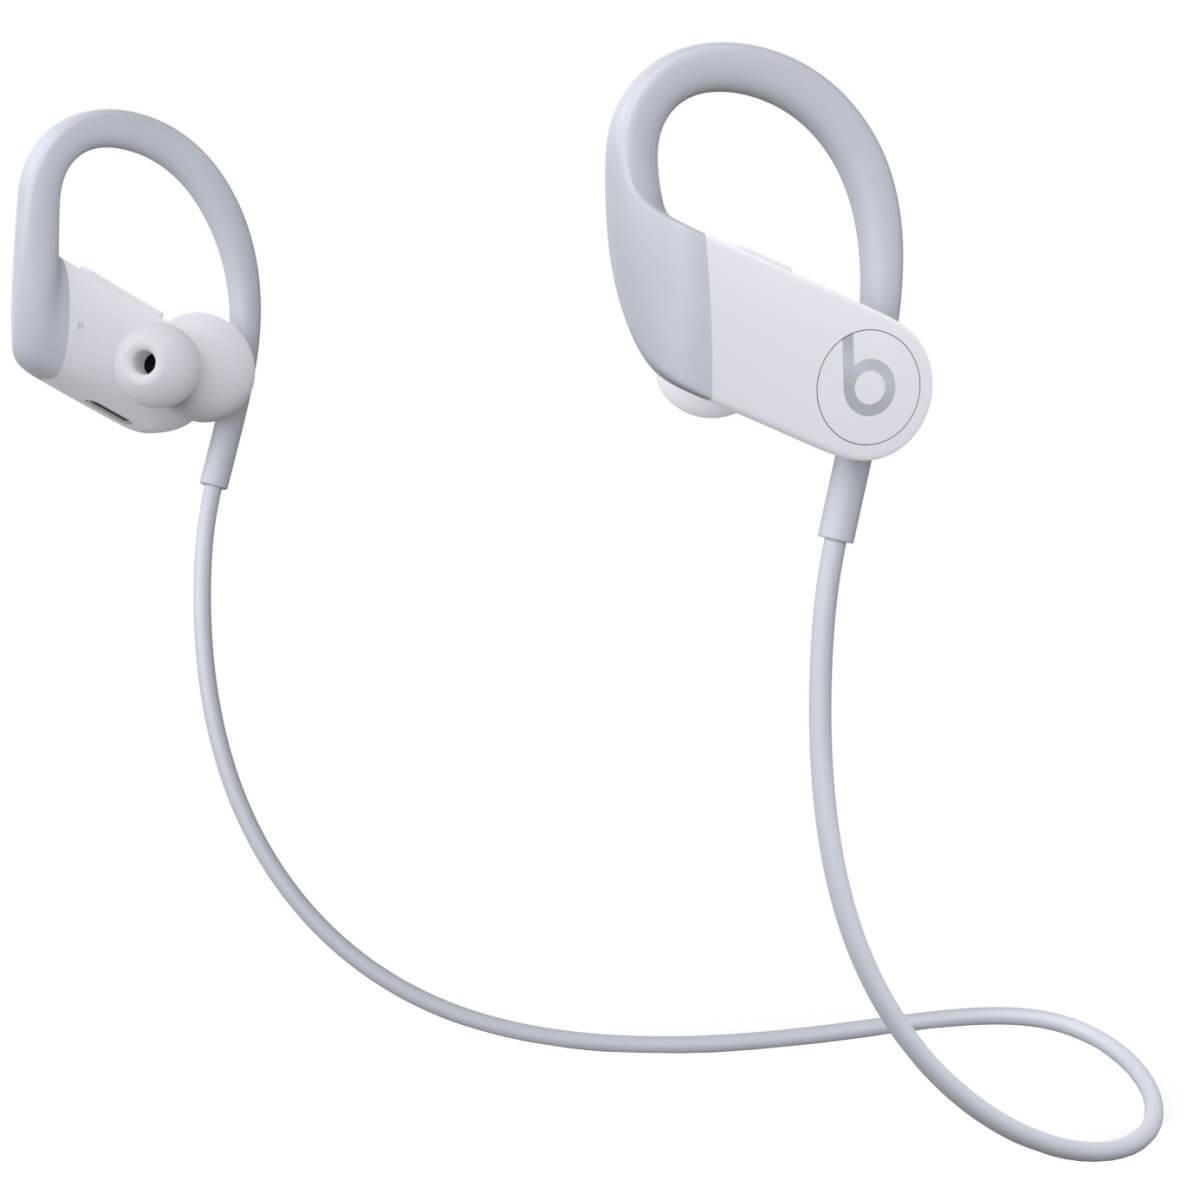 苹果 Powerbeats 4 曝光,续航长达 15 小时 - 热点资讯